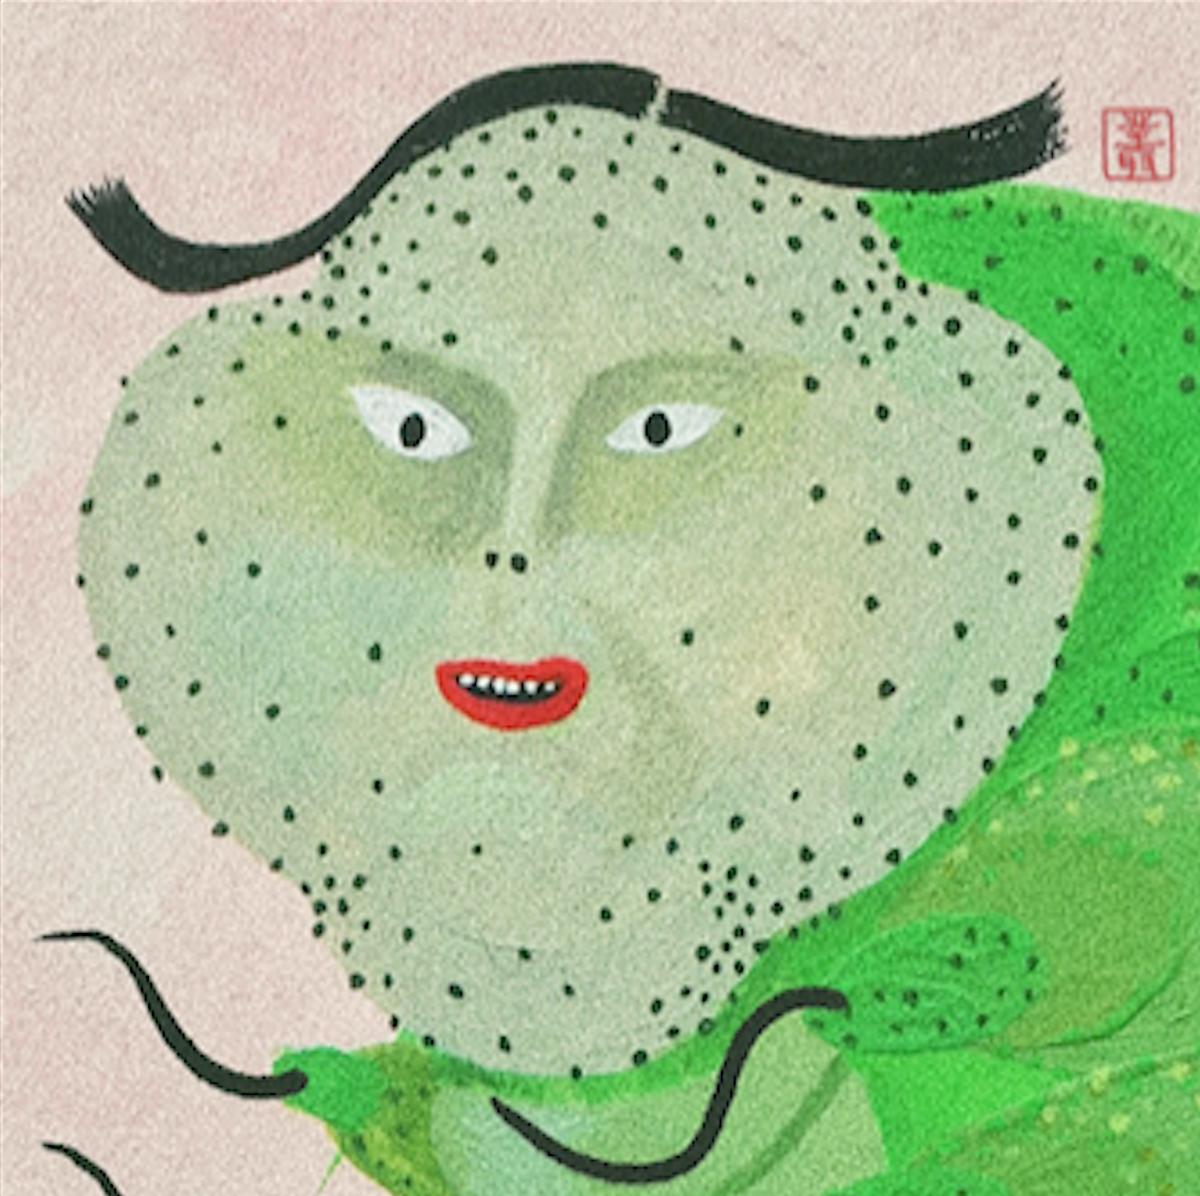 Congrong Zhou